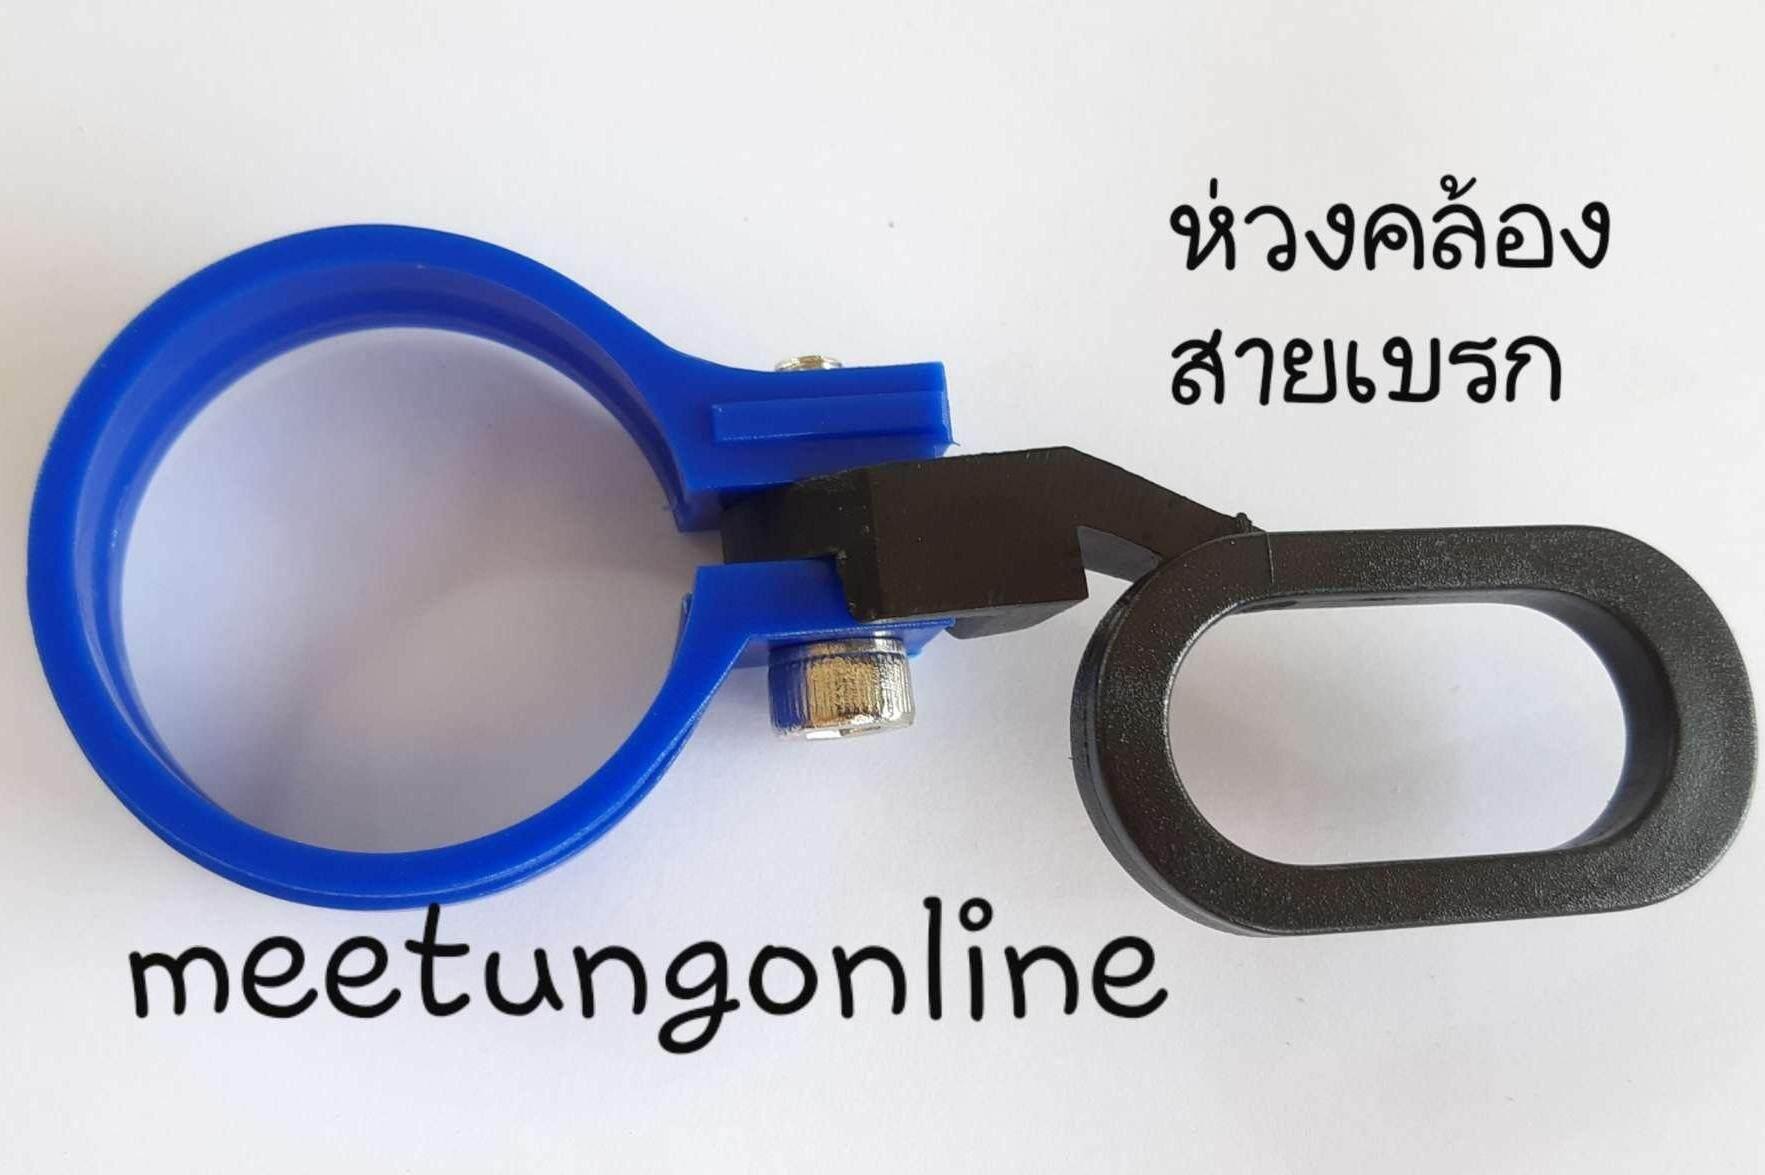 ห่วงคล้องสายเบรก By Meetungonline.